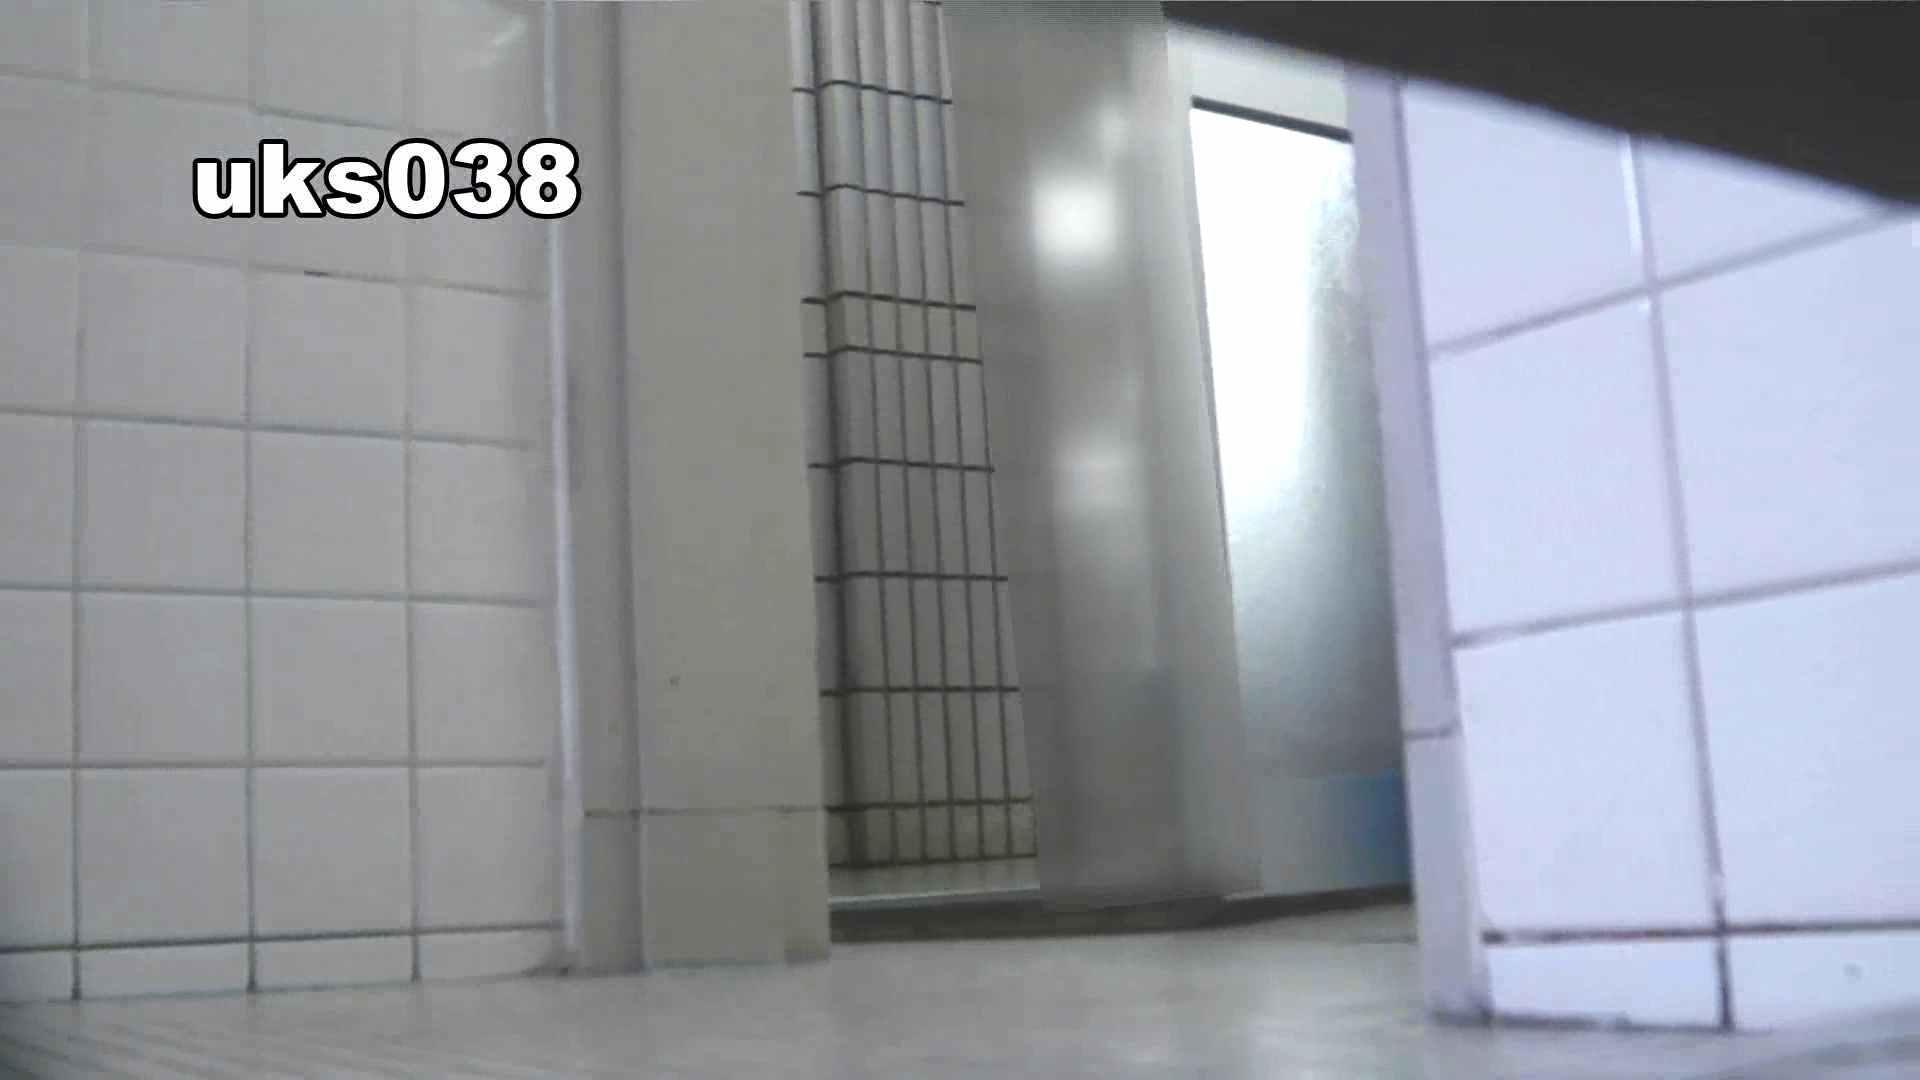 【美しき個室な世界】 vol.038 リボンだけでなく腰つきもエロス 高評価  85PIX 3